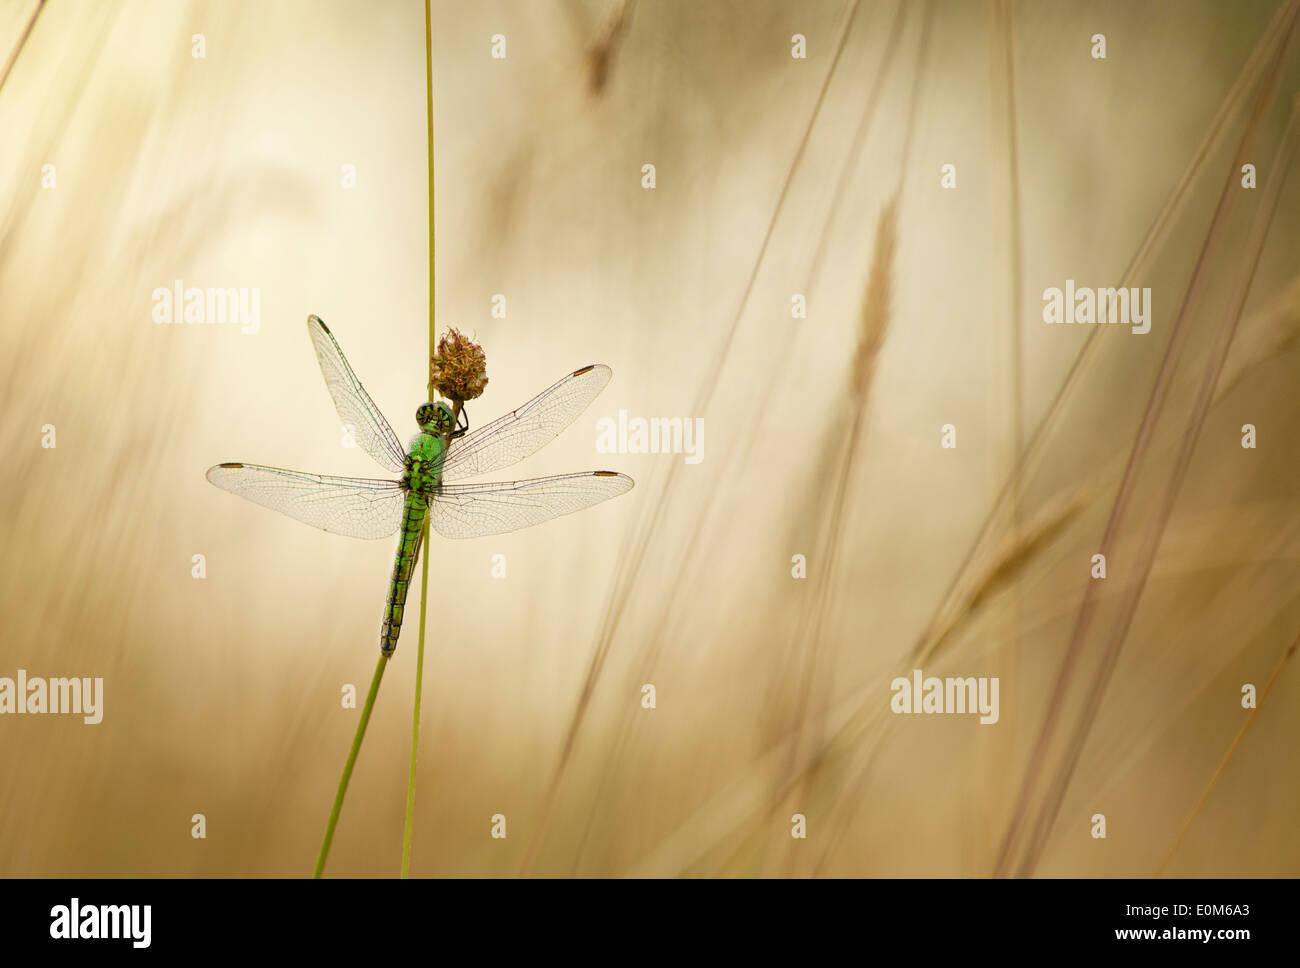 Un verde Darner dragonfly attende per l'avvertimento di raggi di sole del mattino, Oregon, Stati Uniti d'America (Anax junius) Immagini Stock